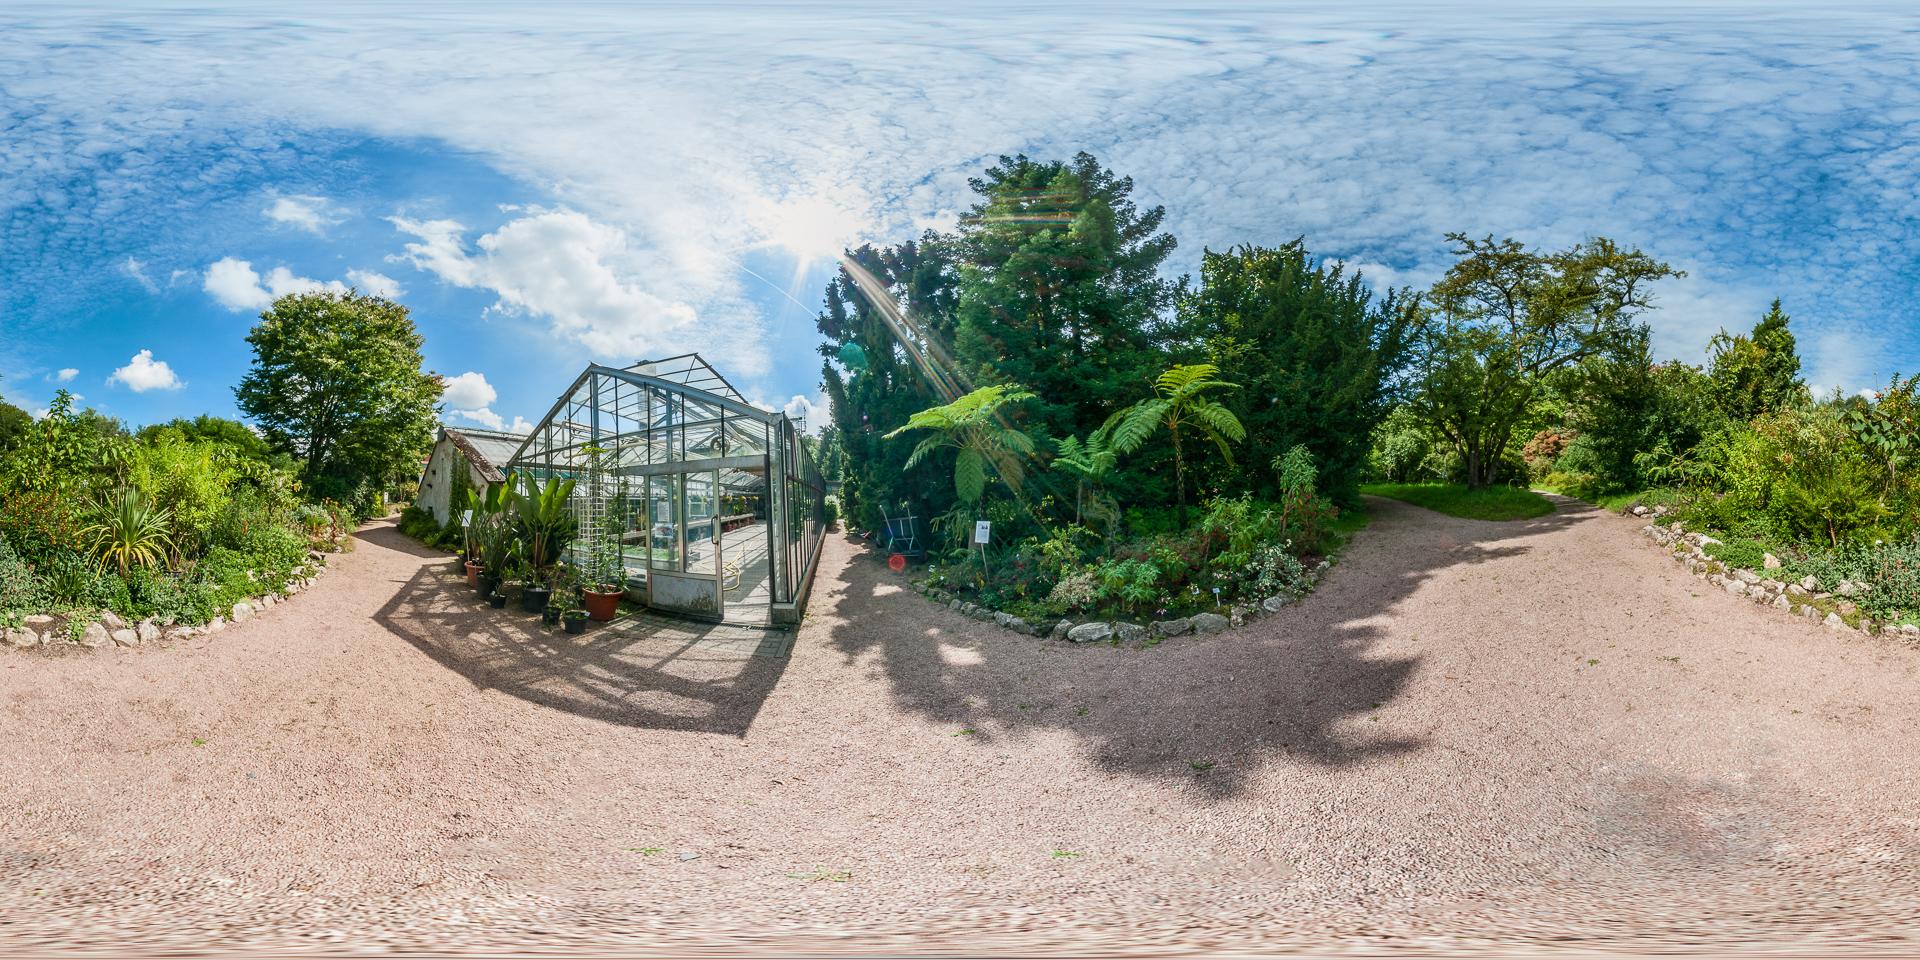 Botanischer-Garten-Darmstadt-Gewaechshaus